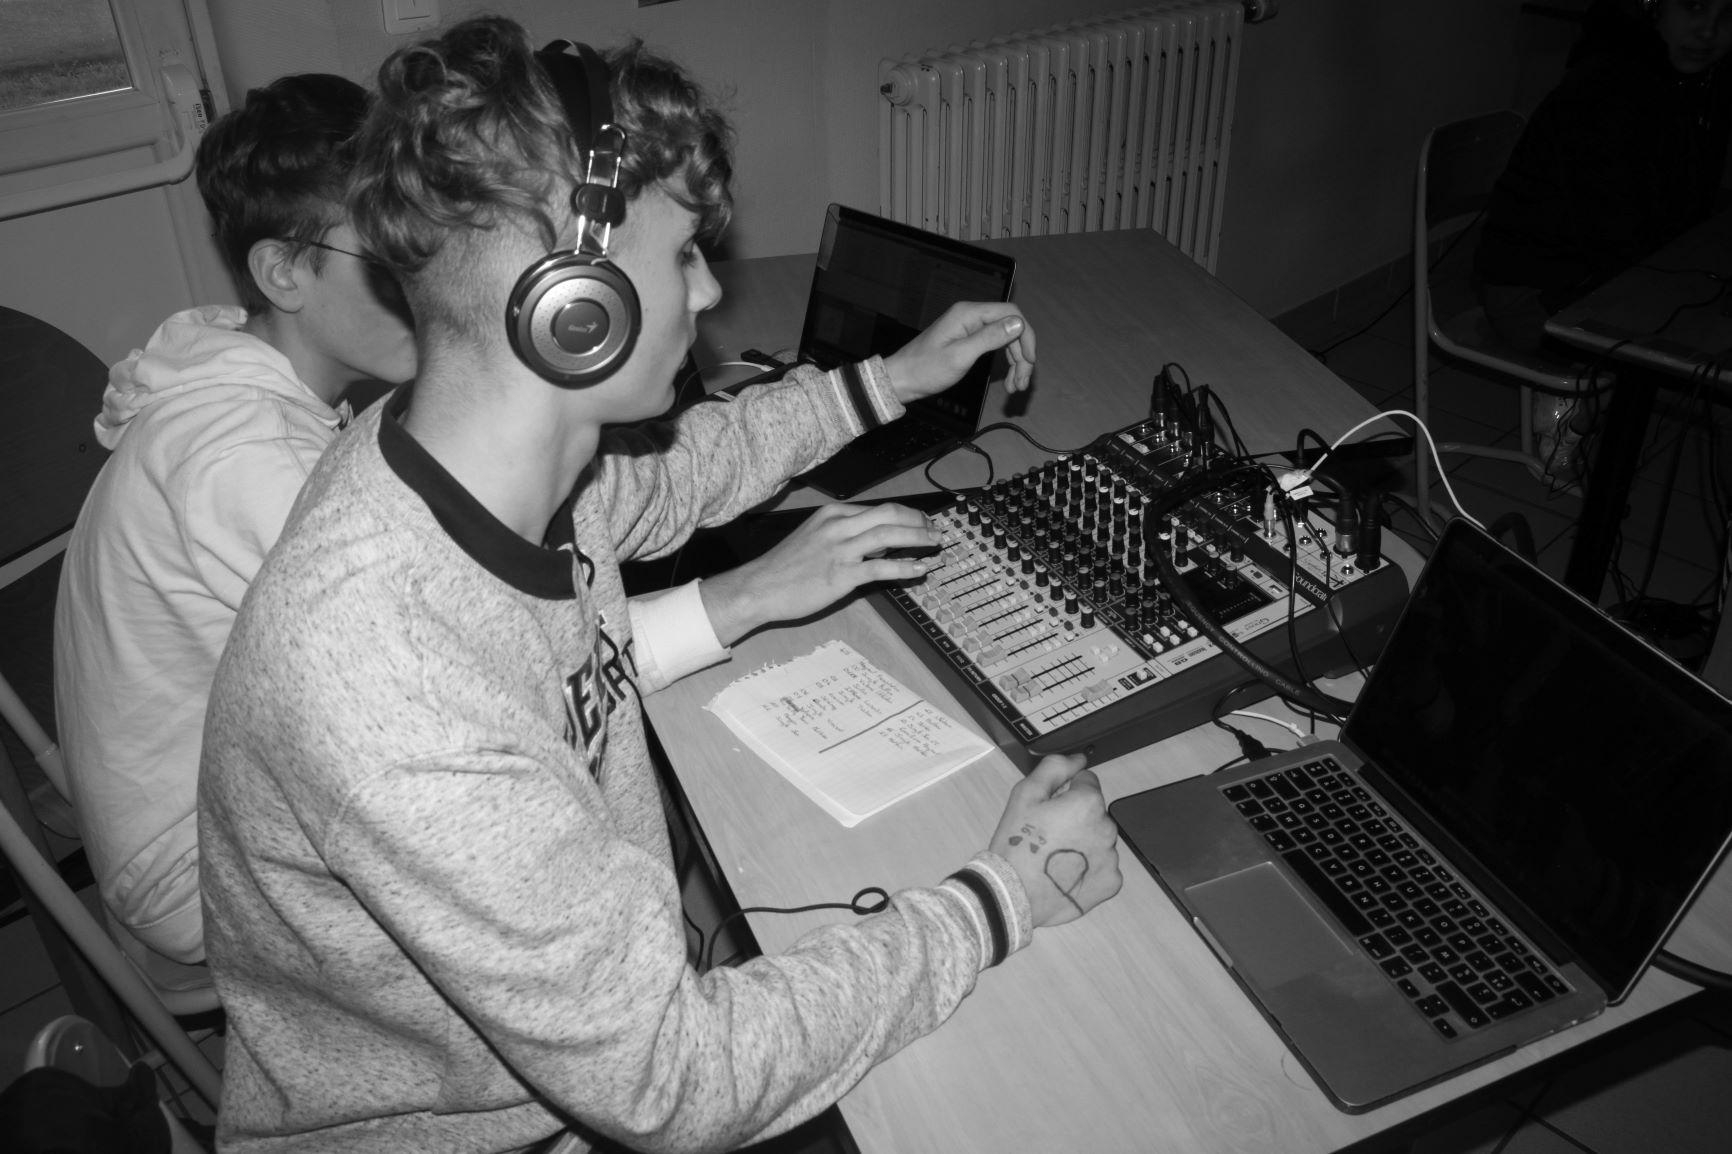 apprentissage technique de l'enregistrement d'une Web radio